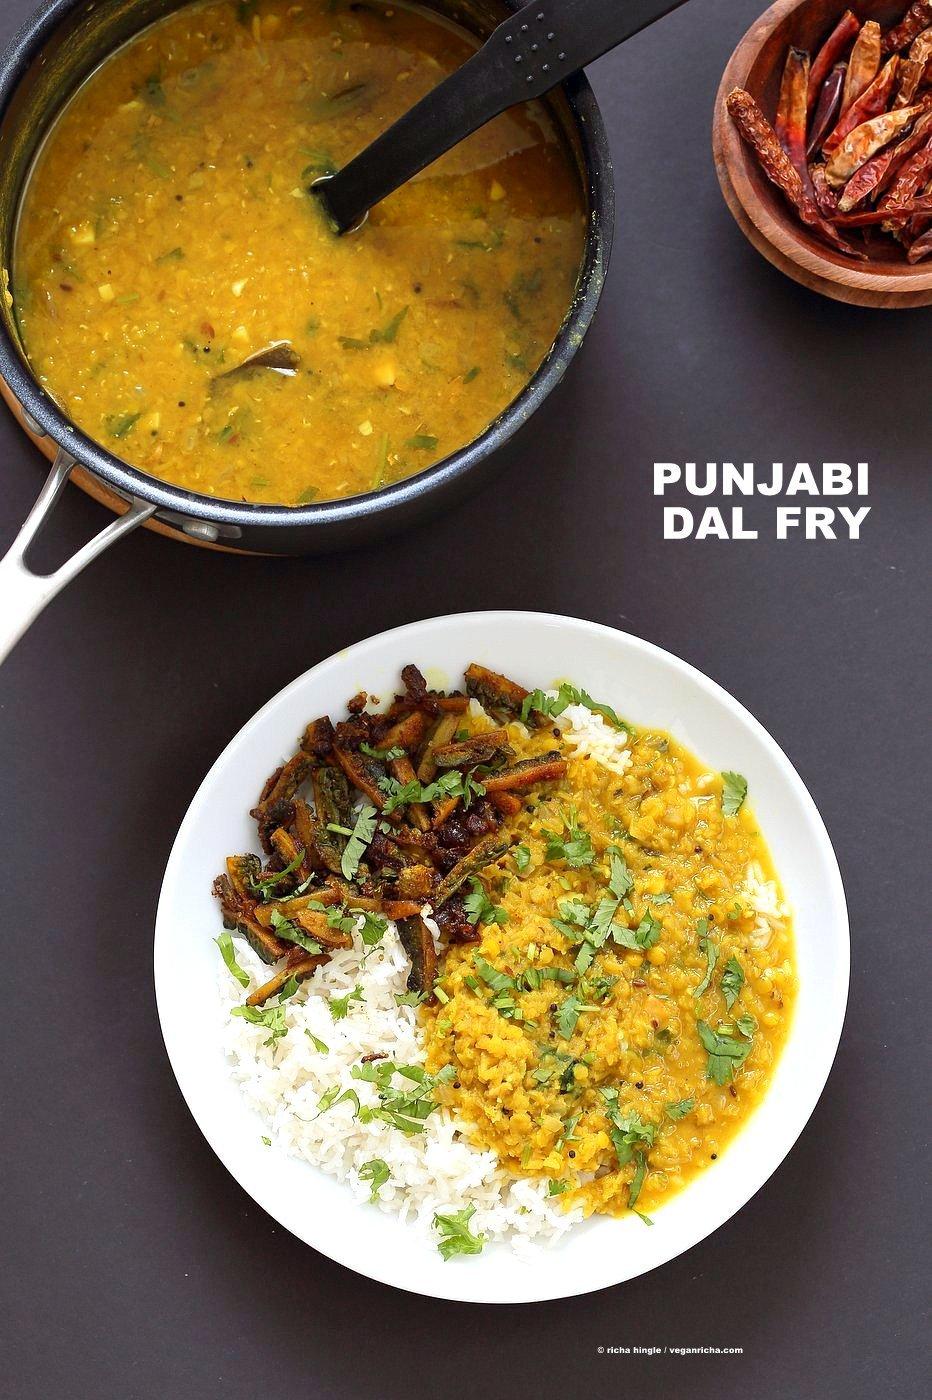 Punjabi dal fry recipe vegan richa punjabi dal fry recipe easy dal fry with whole spices and garam masala lentil forumfinder Choice Image